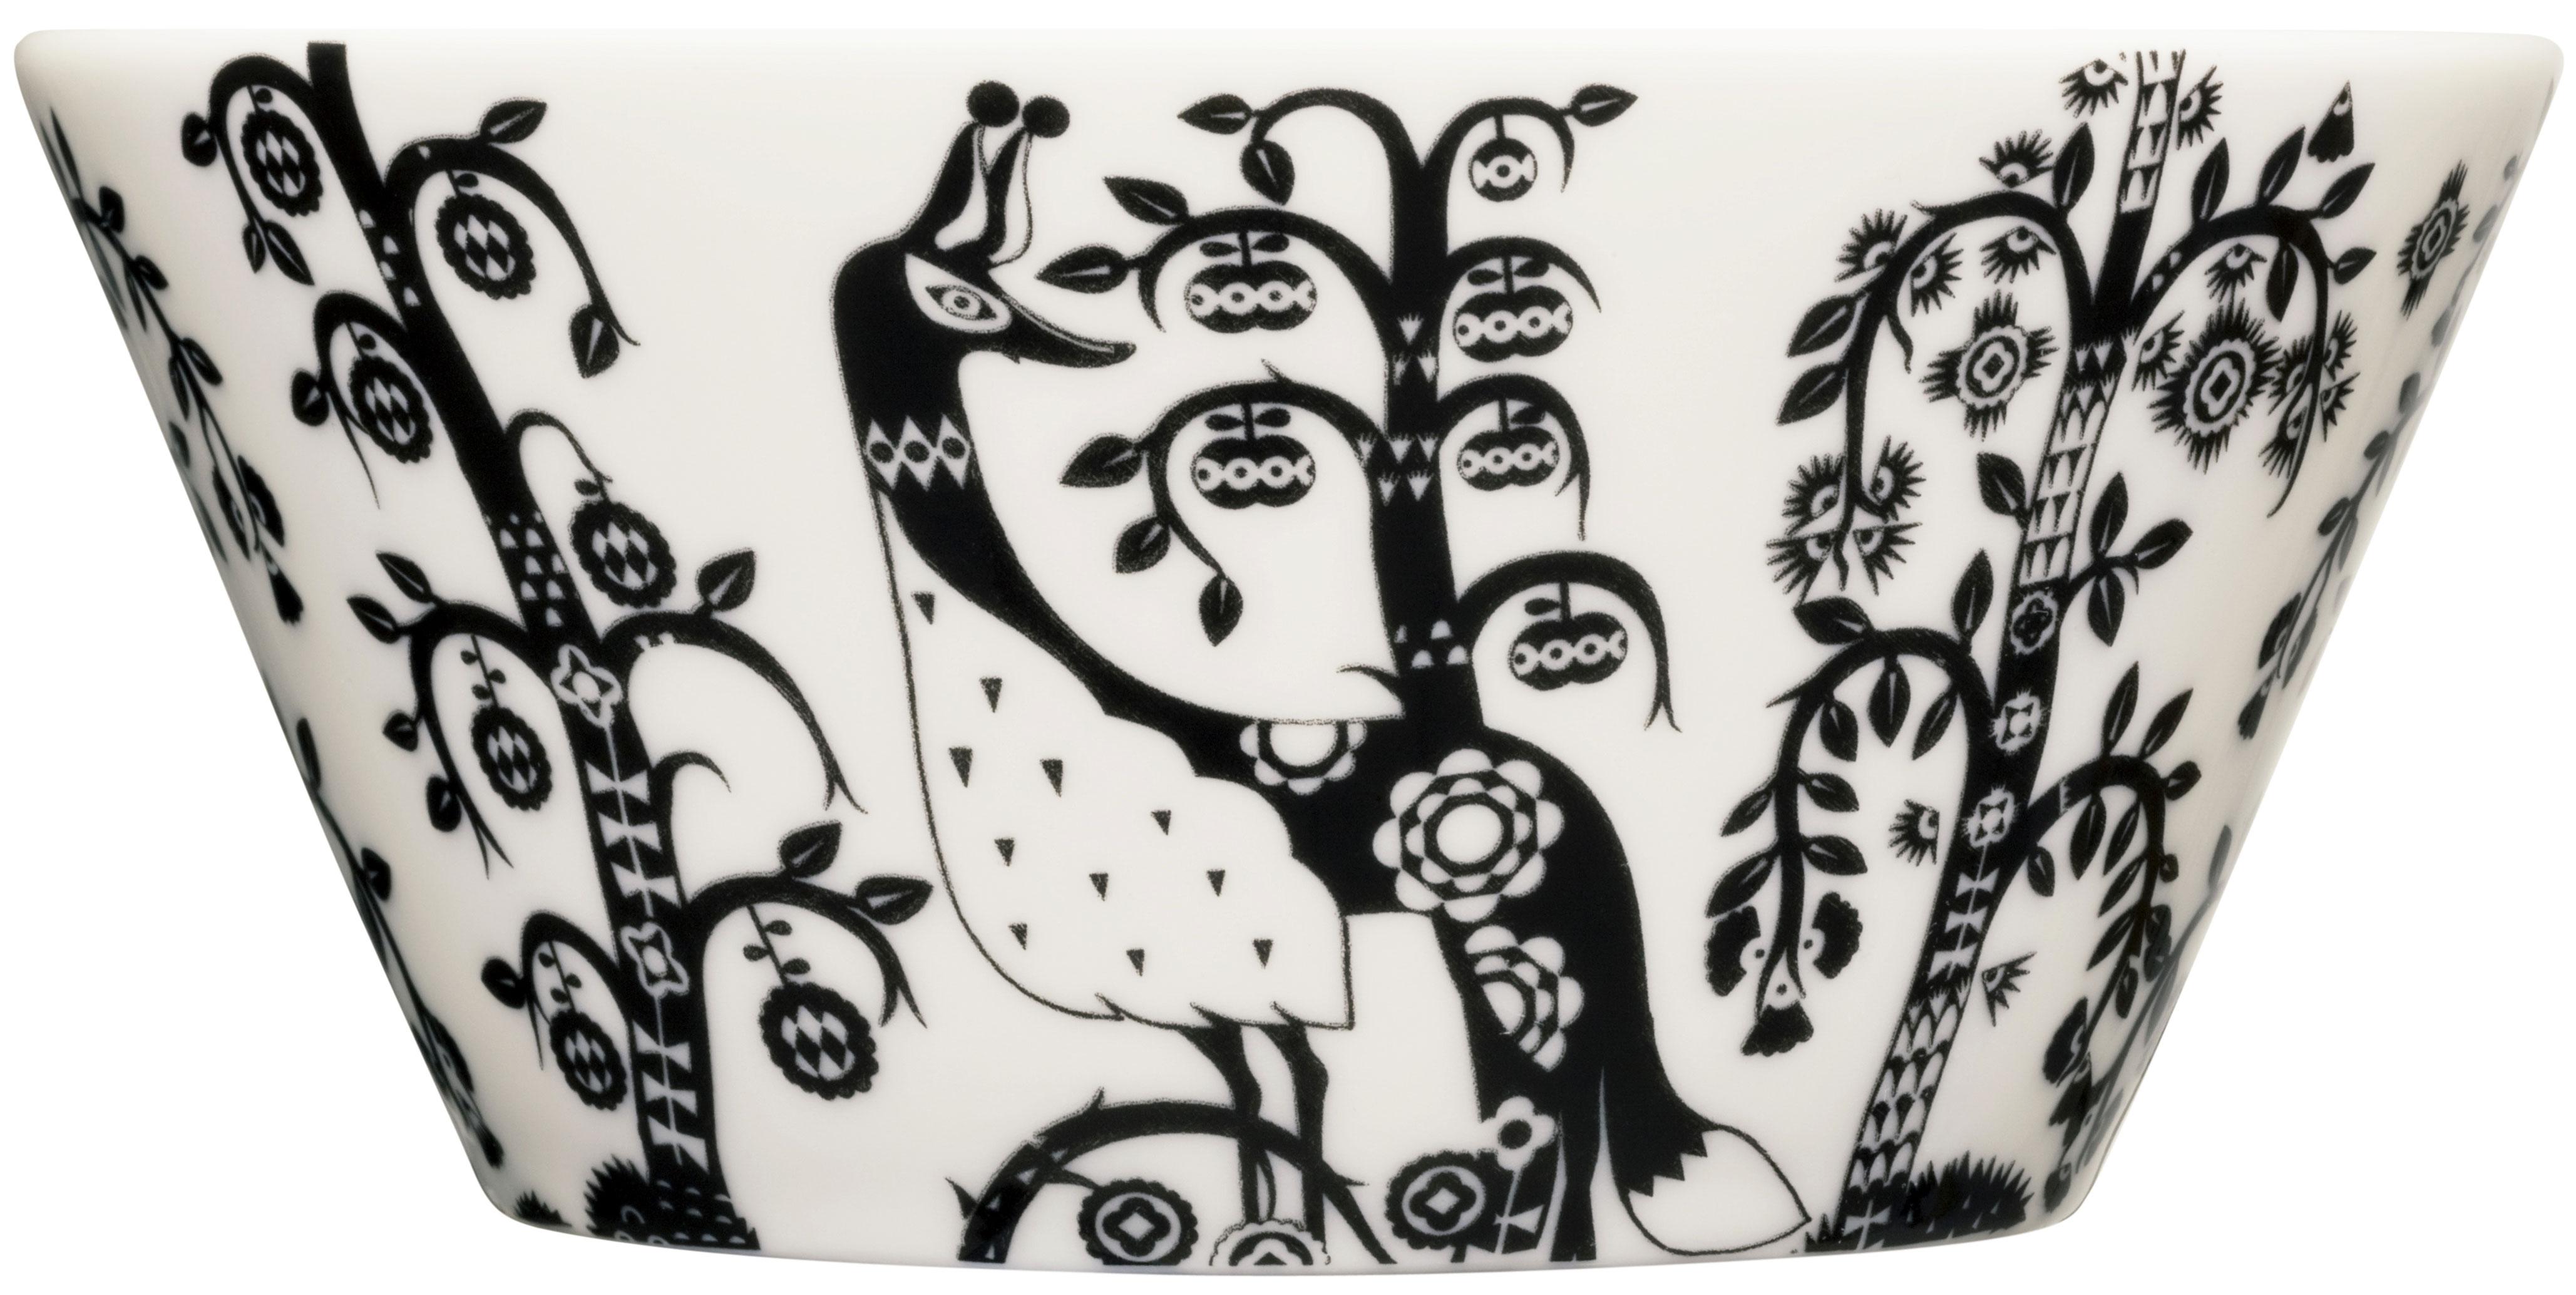 Чаша Iittala Taika, цвет: черный, 0,6 л1012504Чаша Iittala Taika выполнена из качественного жароустойчивого прочного фарфора. Чаша имеетстильный дизайн, поэтому сможет украсить любую кухню. Можно мыть в посудомоечной машине.Объем: 0,6 л.